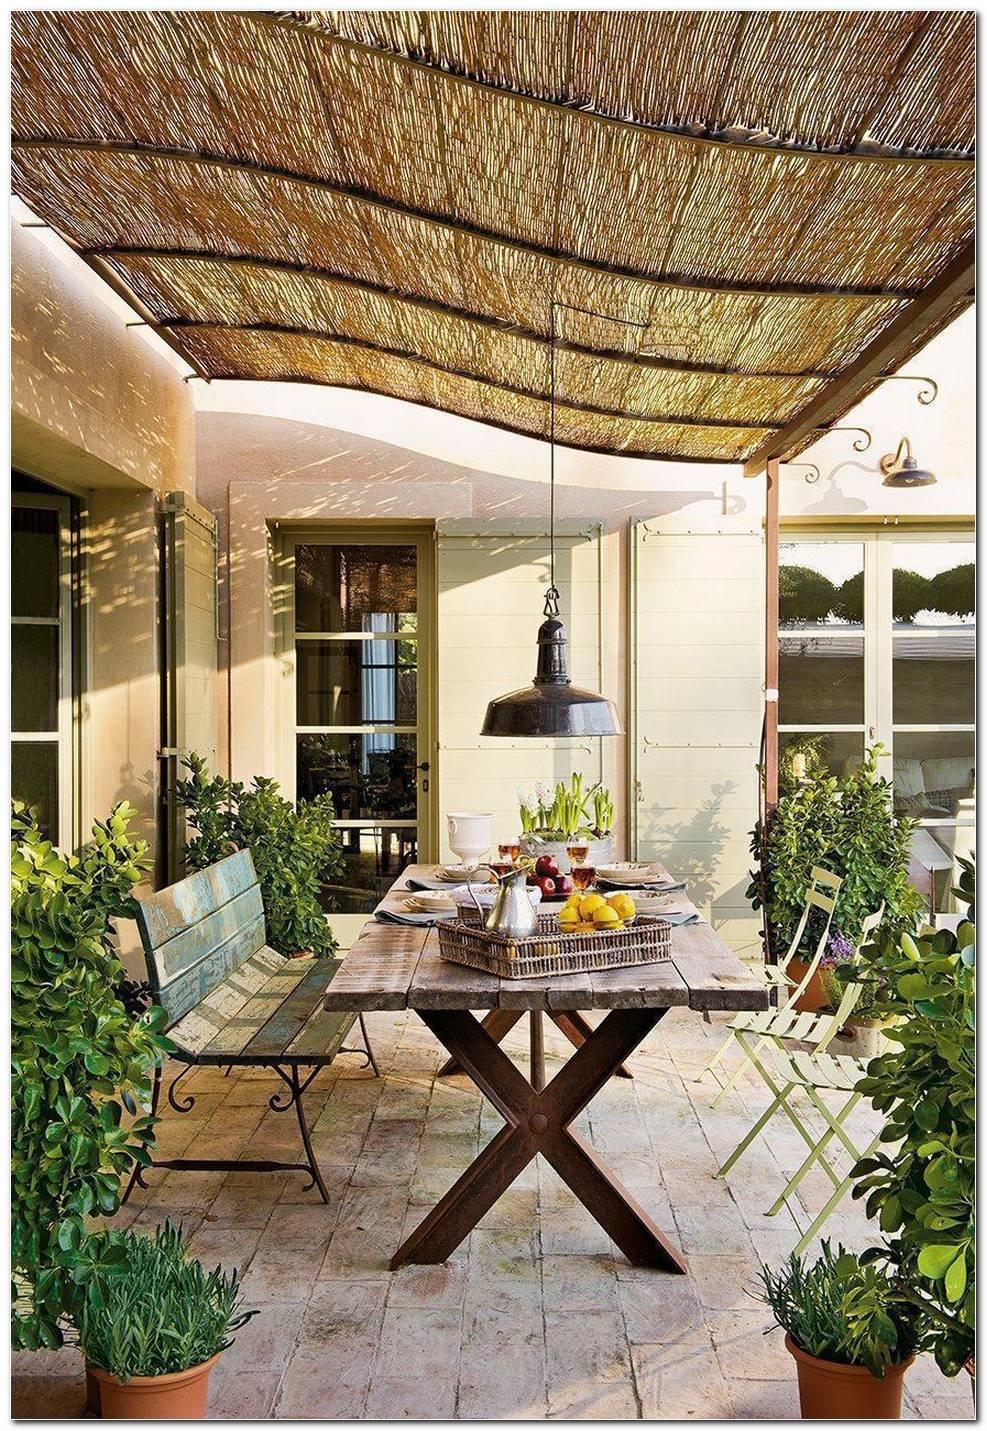 Pergolado De Bambu Como Fazer Tratar E 45 Ideias Lindas